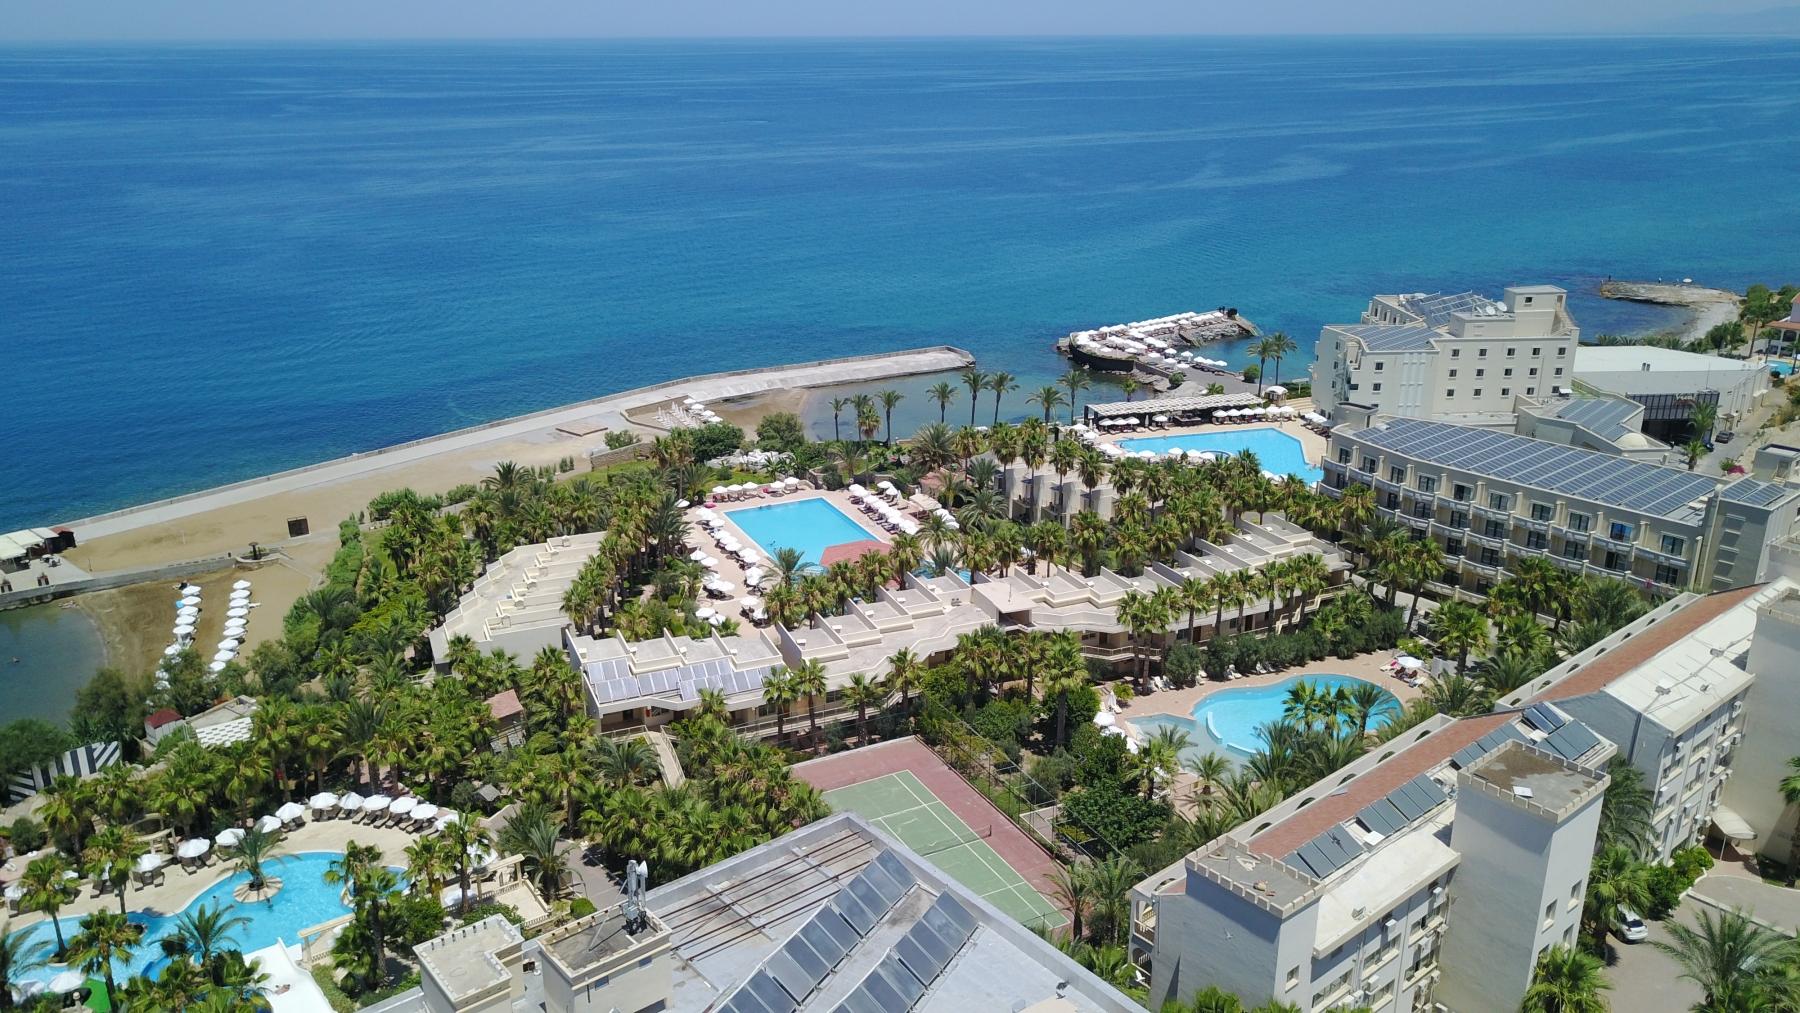 oscar_resort seaside